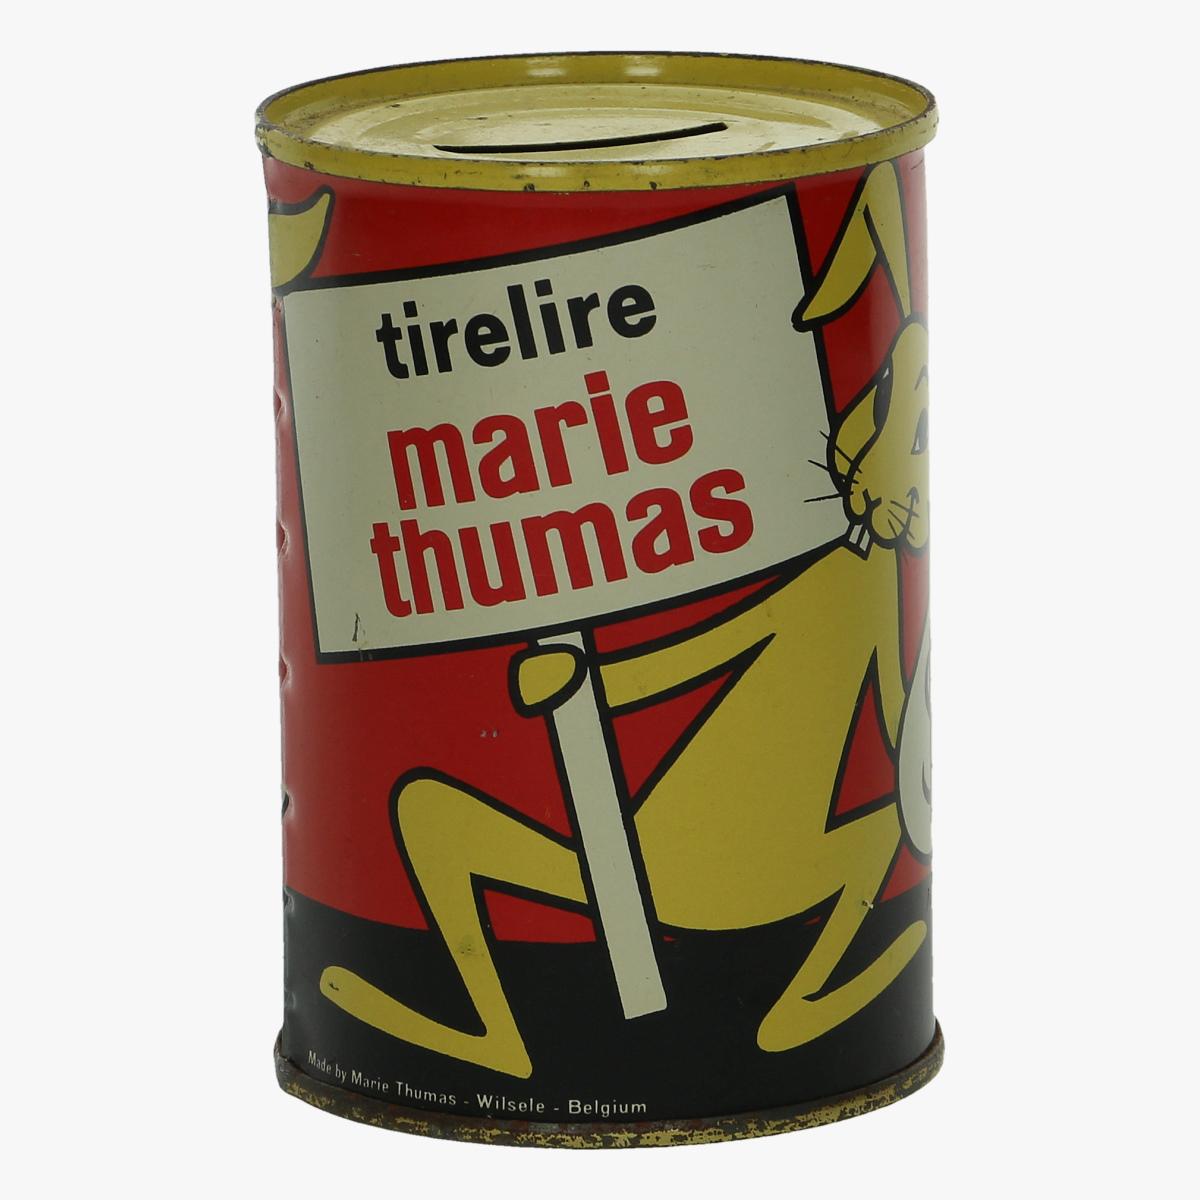 Afbeeldingen van spaarpot marie thumas